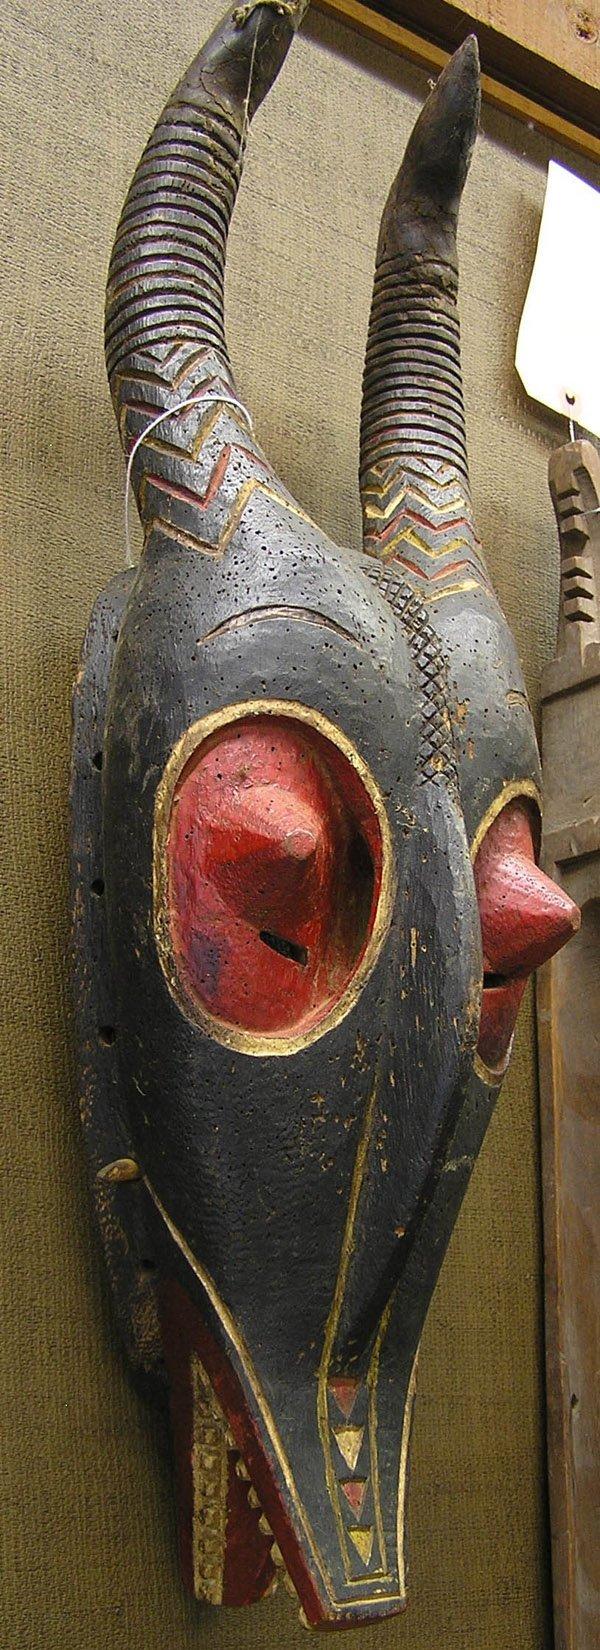 6657: African ritual mask